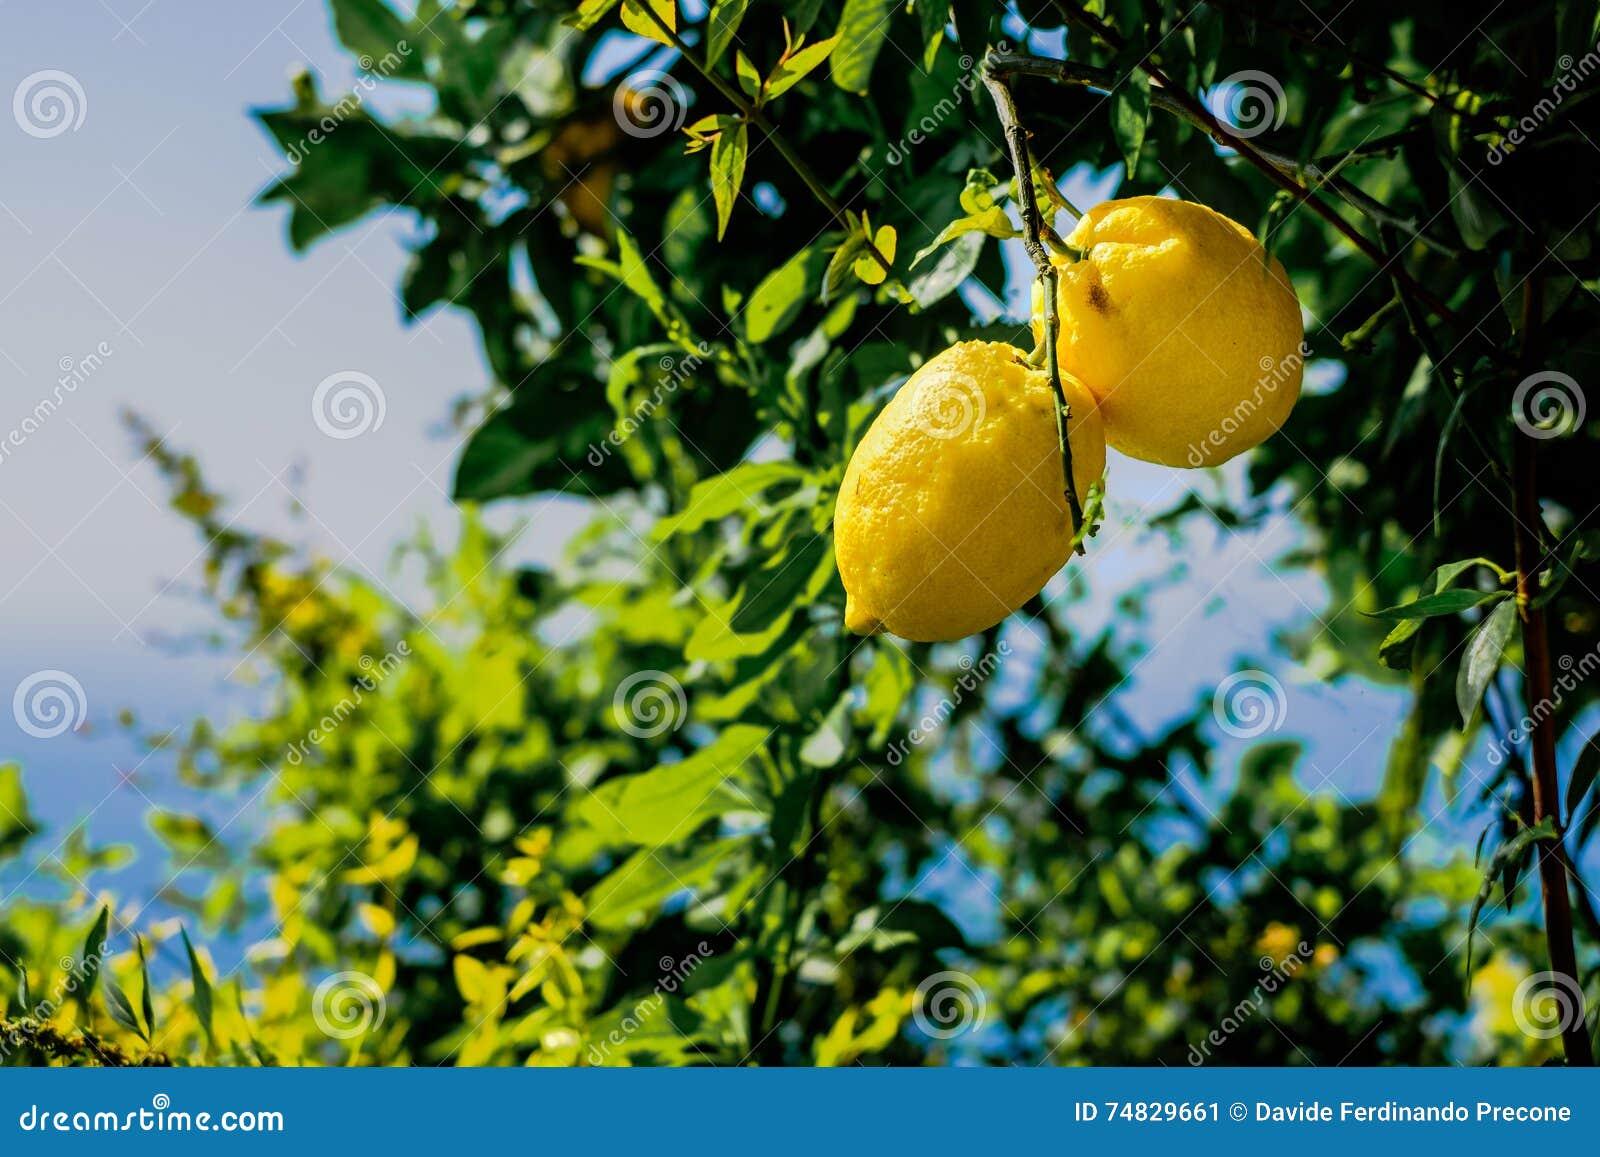 vitamine citroen